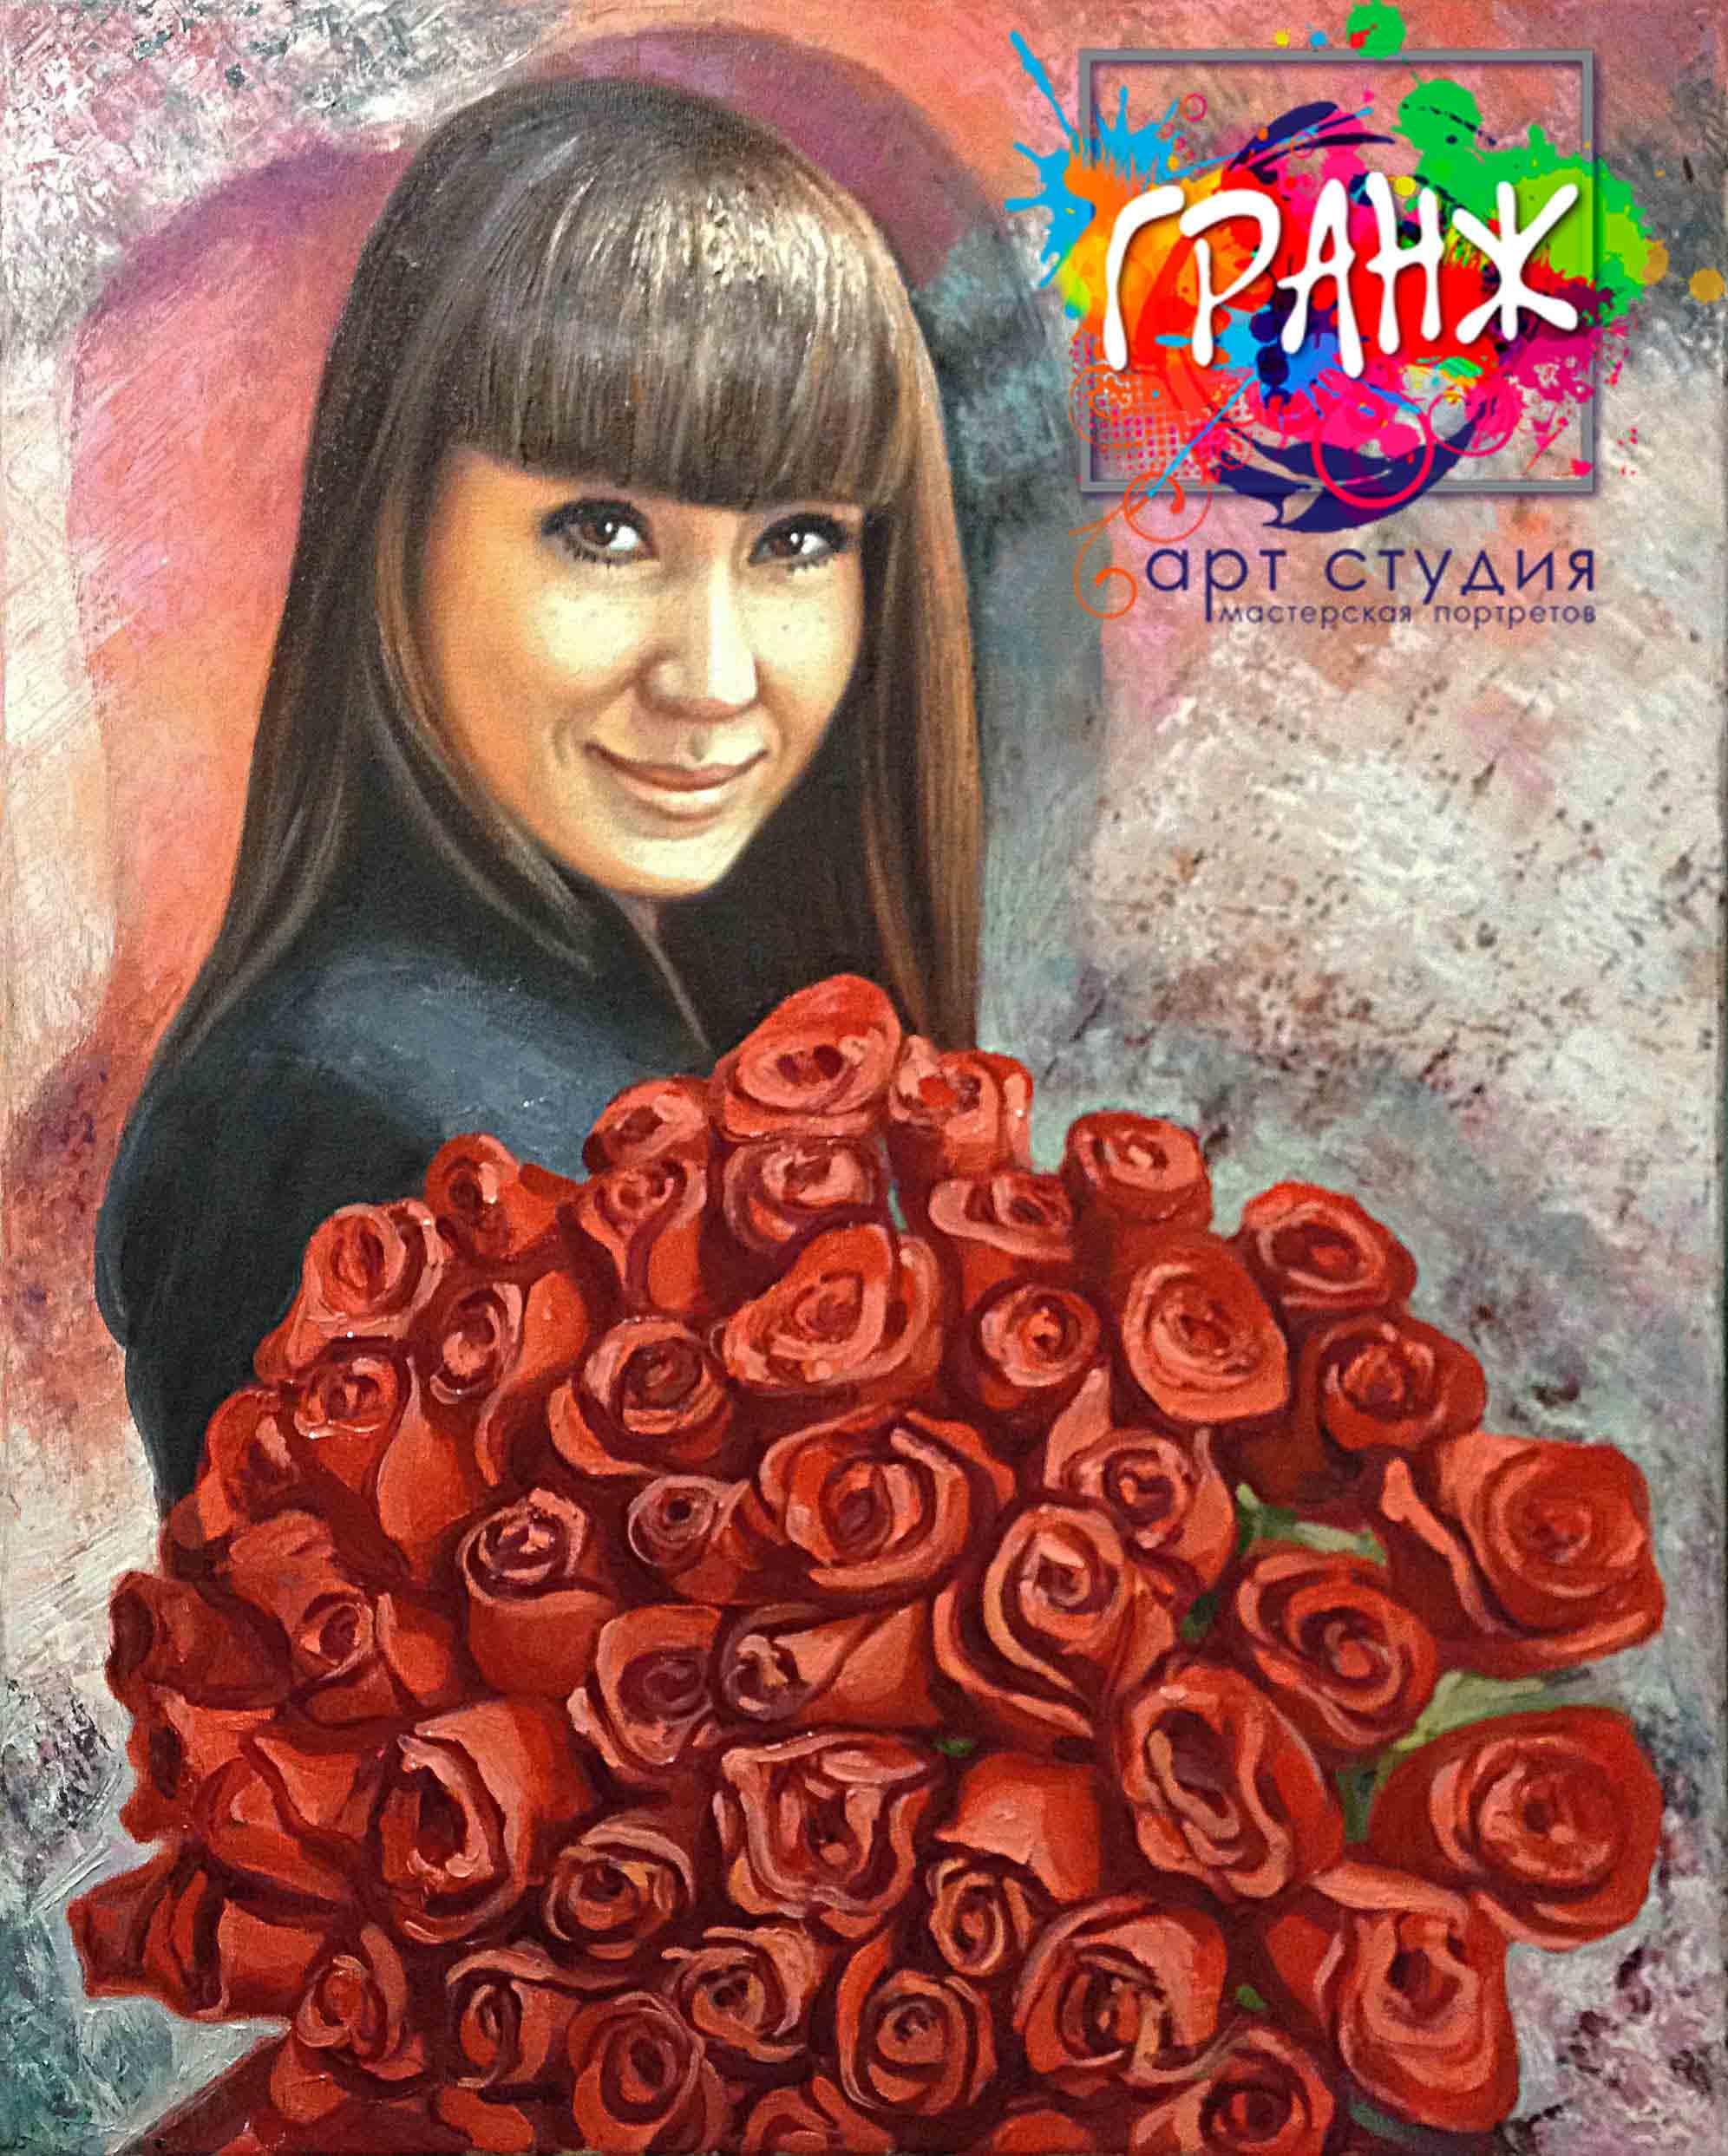 Заказать портрет маслом по фотографии в Томске